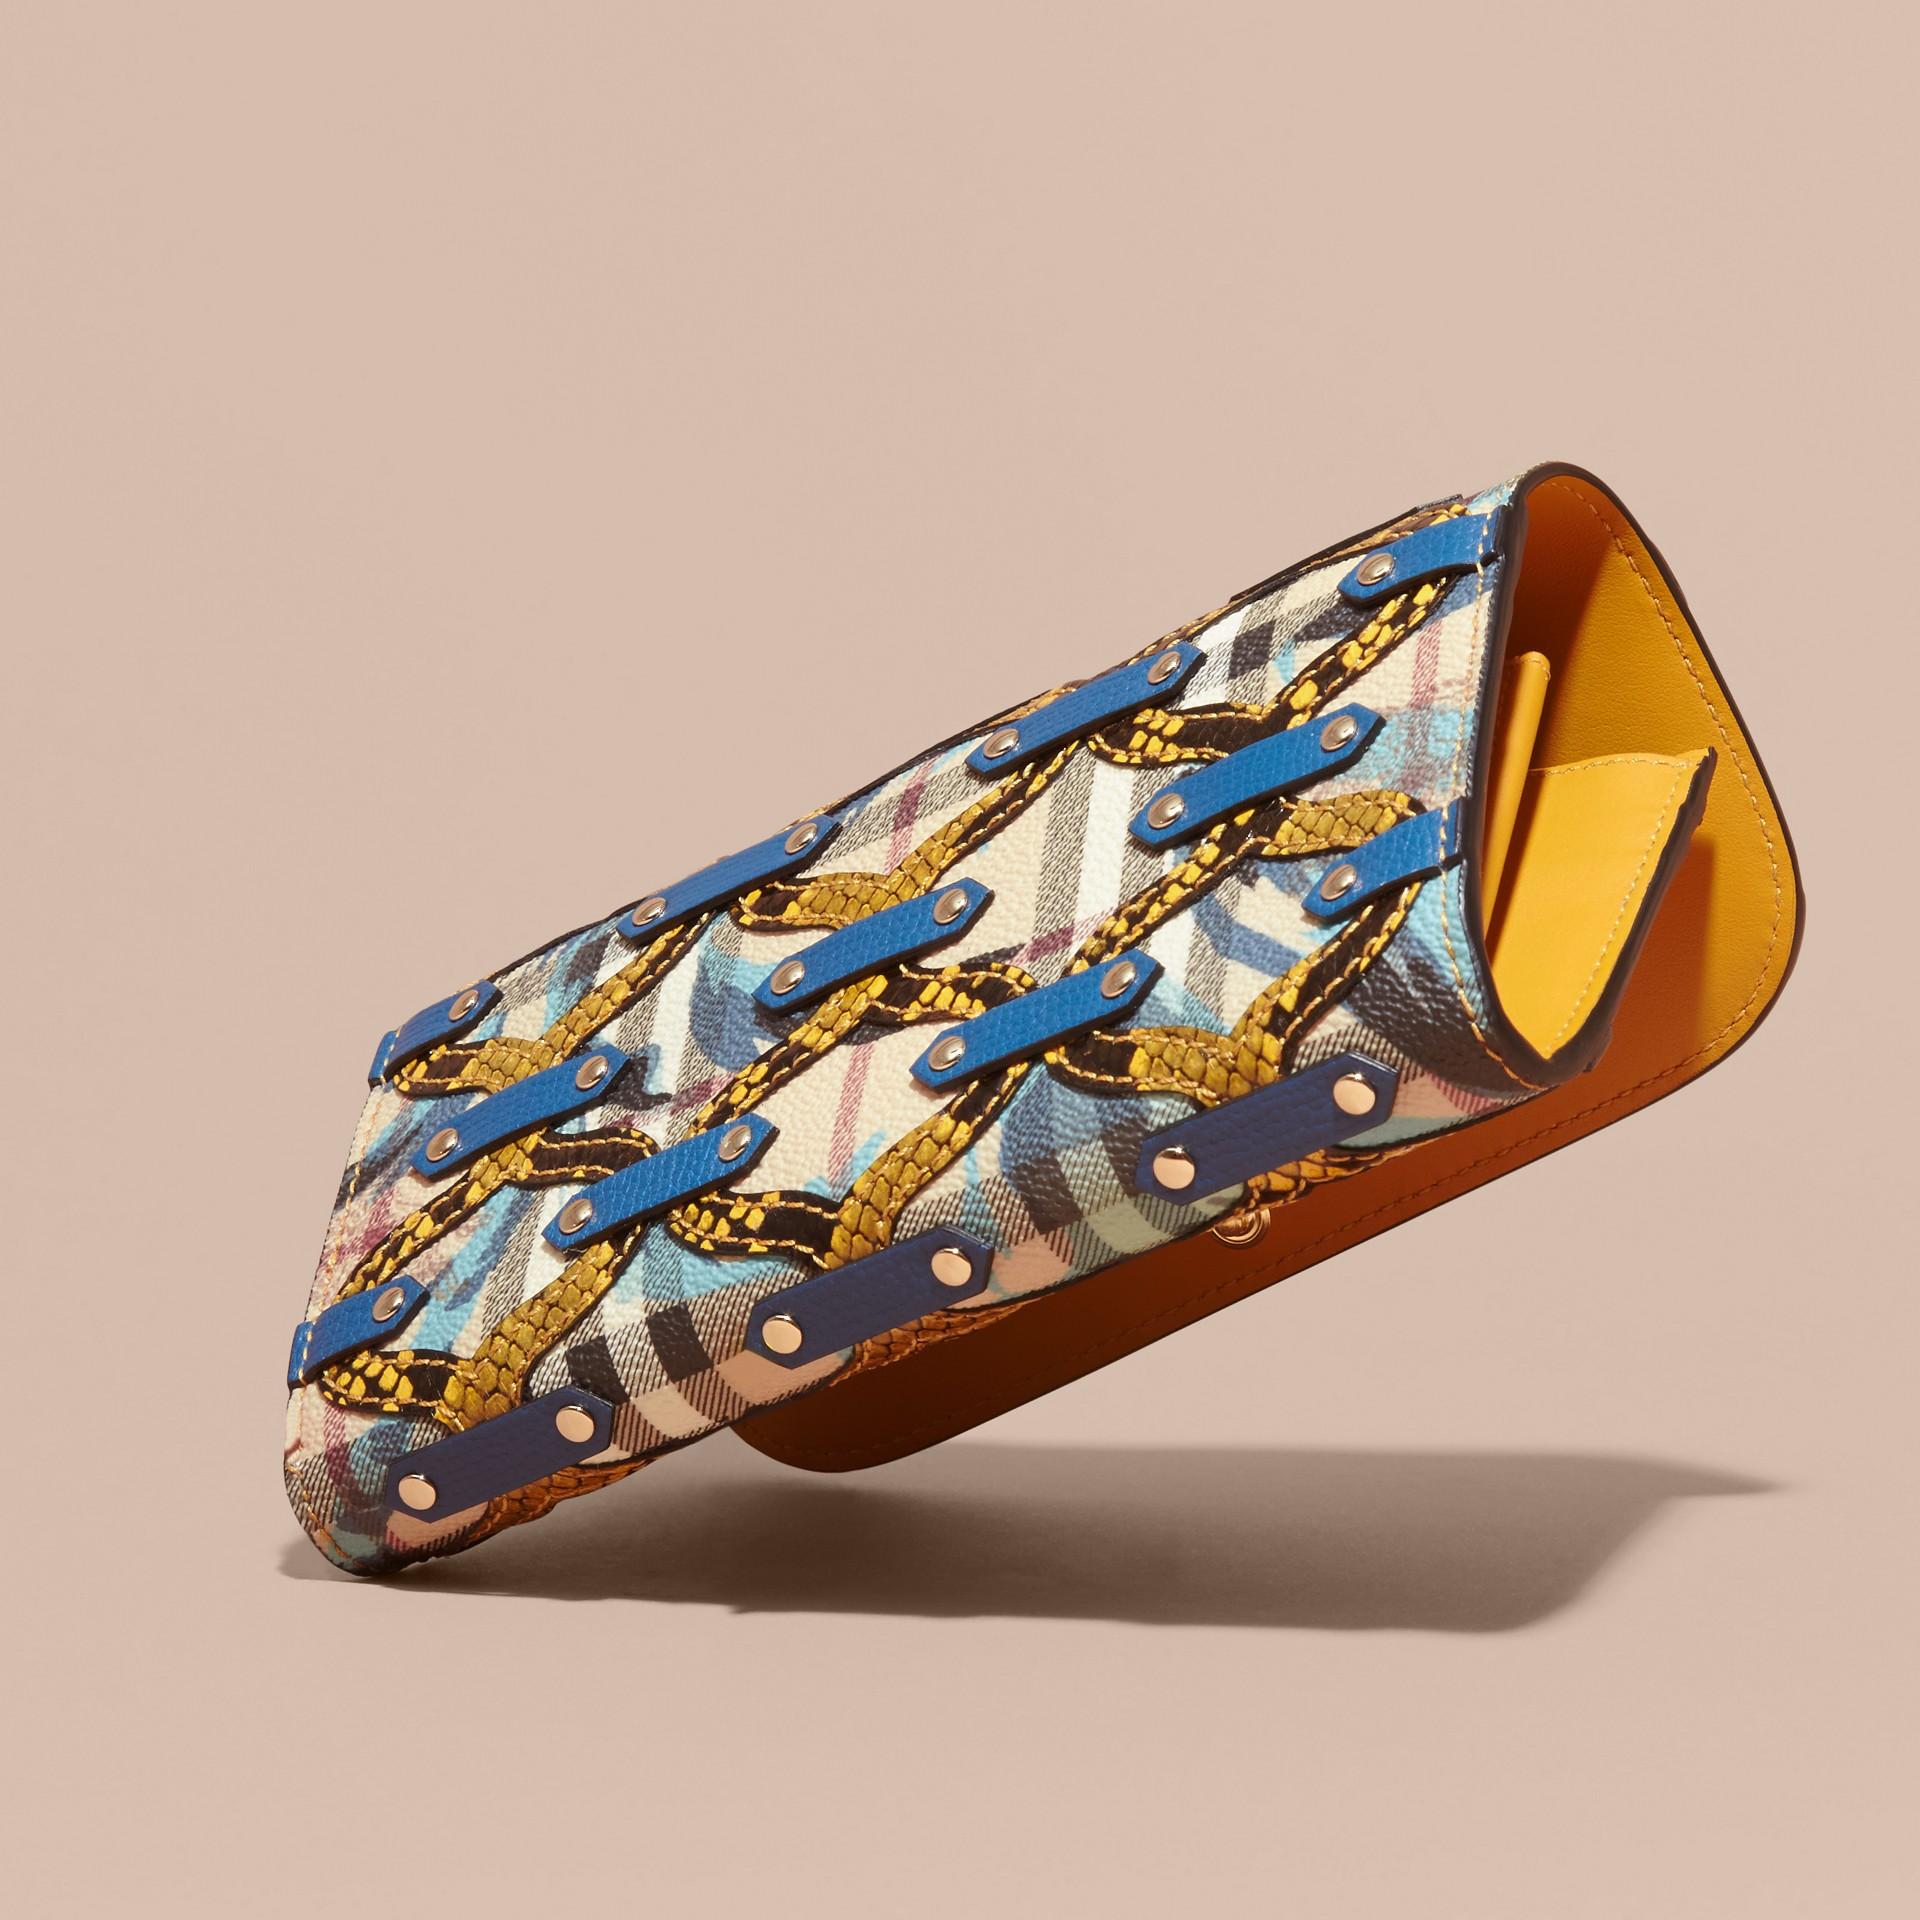 Amarillo alerce Cartera continental en Haymarket Checks con estampado de rosa peonía y textura en relieve en piel de serpiente Amarillo Alerce - imagen de la galería 4